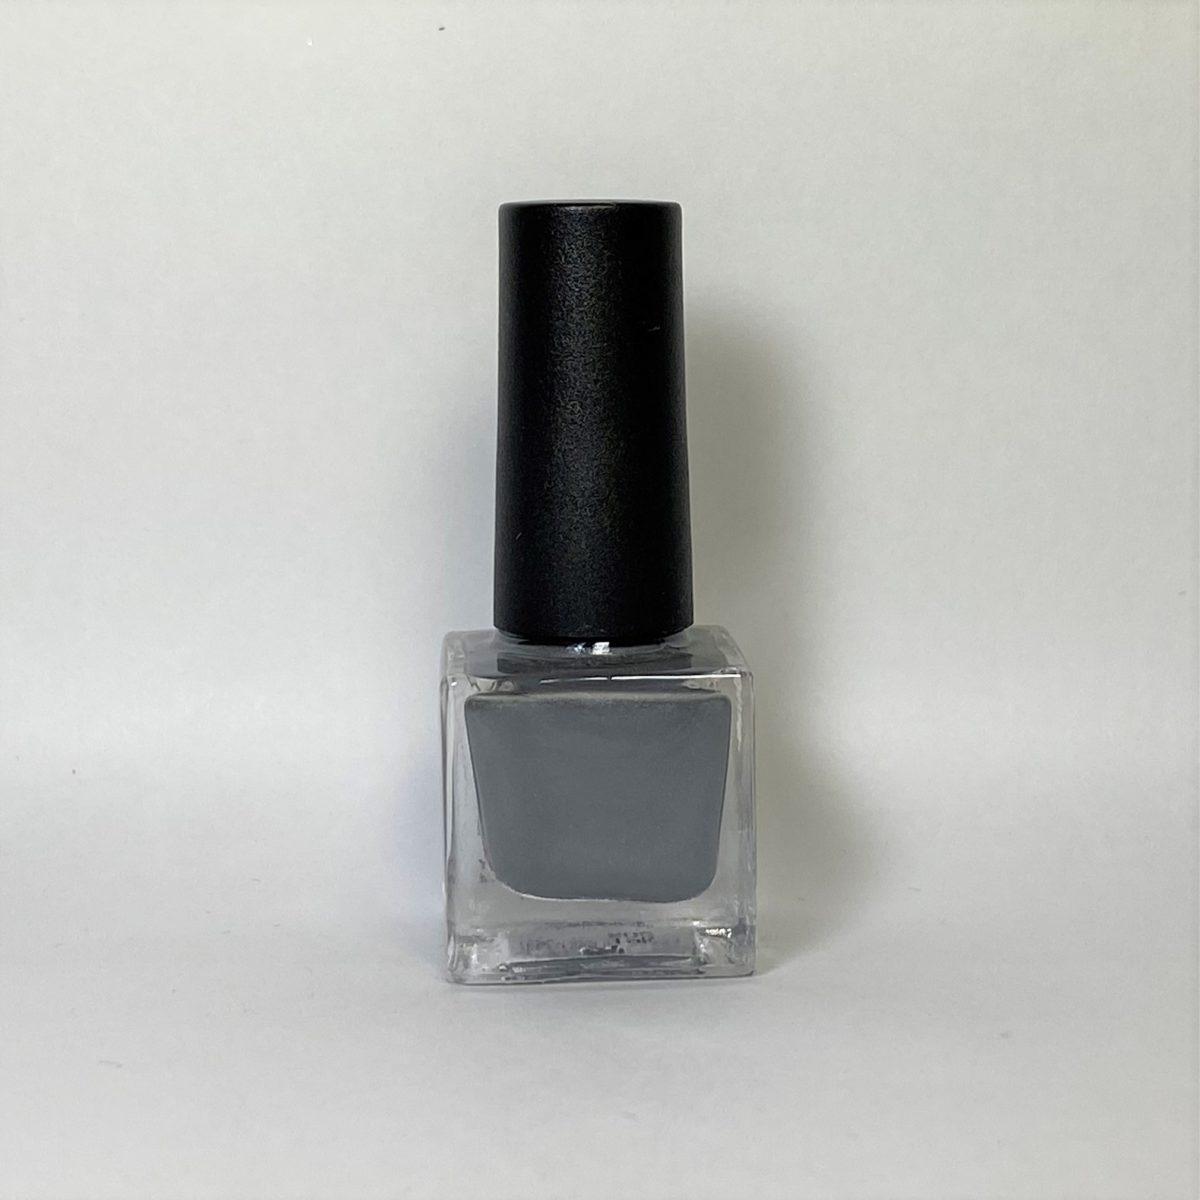 ネイルポリッシュ R02 Gray